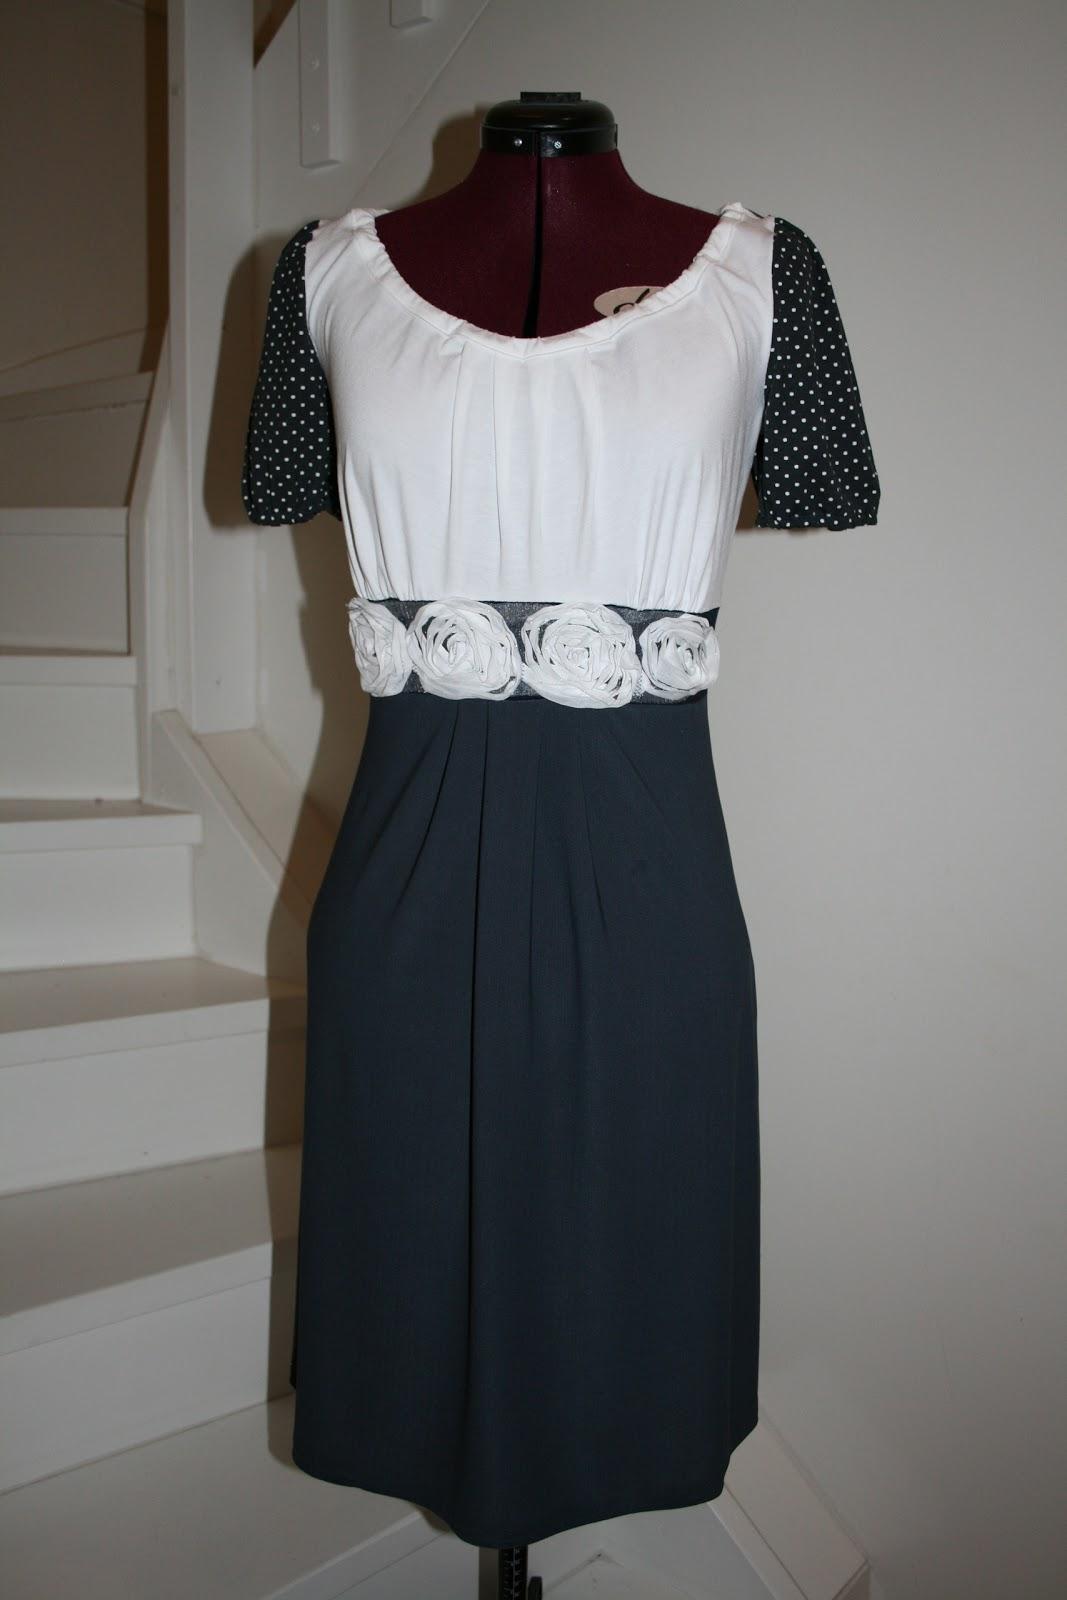 fa8e6404 Mørk blå og hvit kjole med hvite roser i livet. Toppen og ermene er i  jersey-stoff.